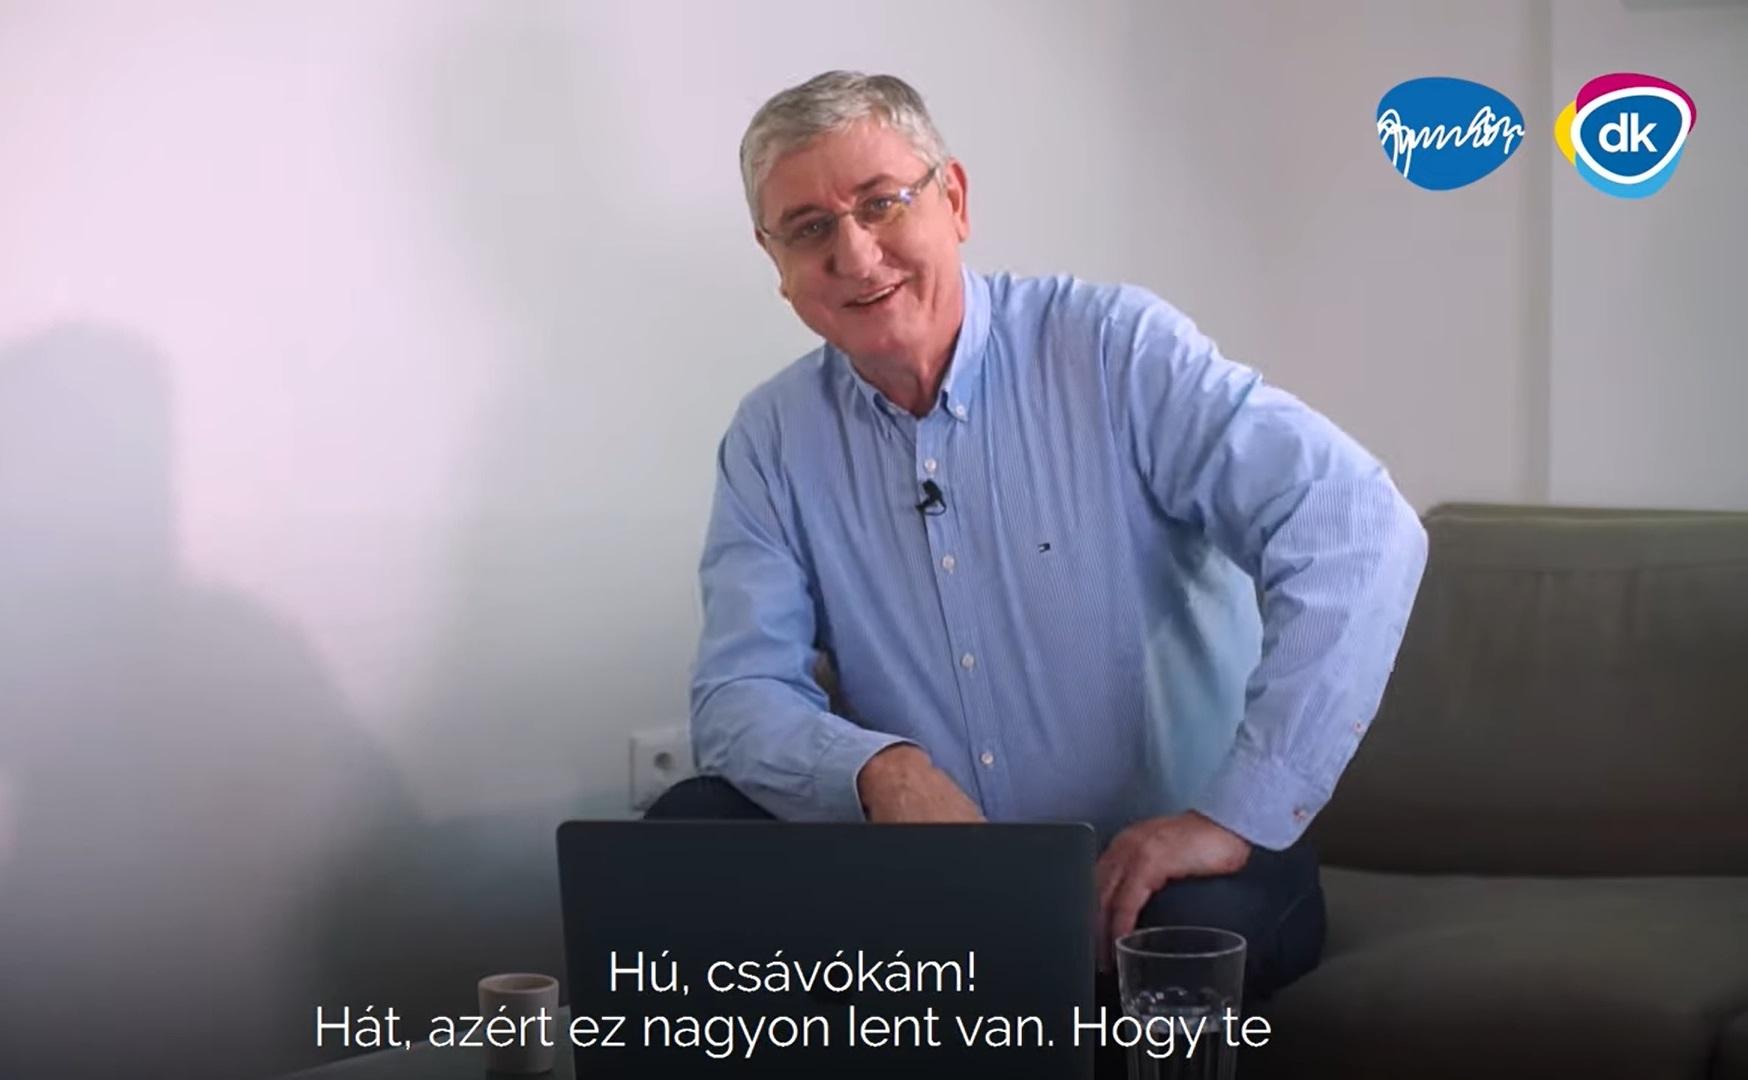 Gyurcsány Orbánnak: Hú csávókám, hát ez nagyon lent van!